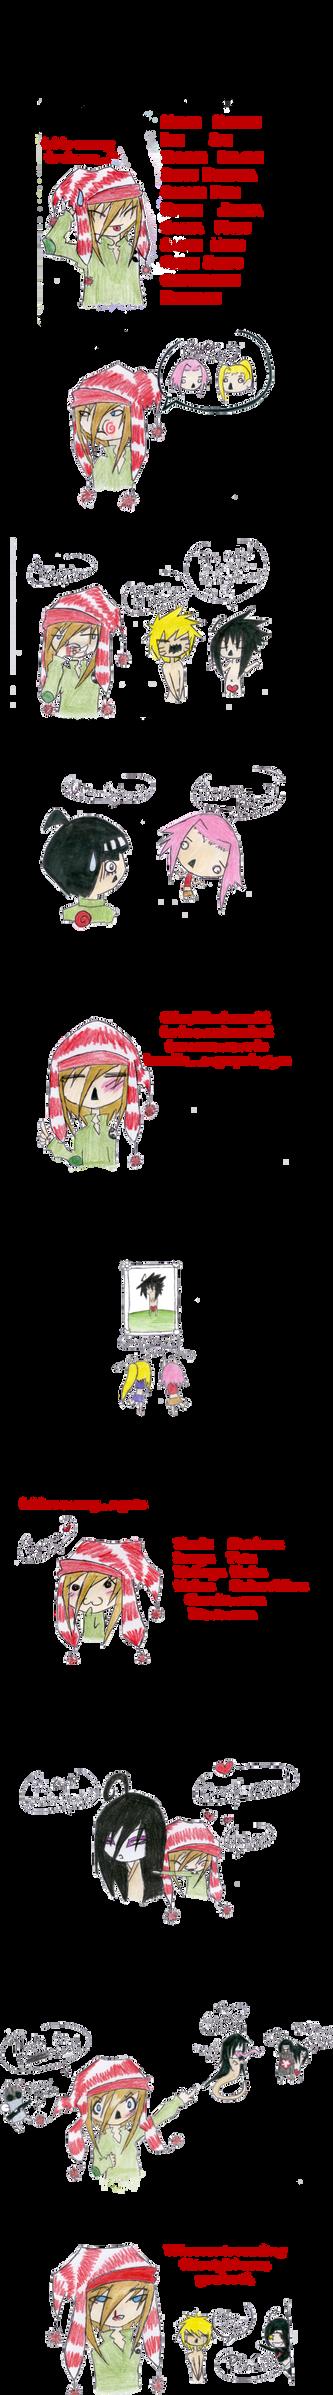 Naruto Meme by Poxkat